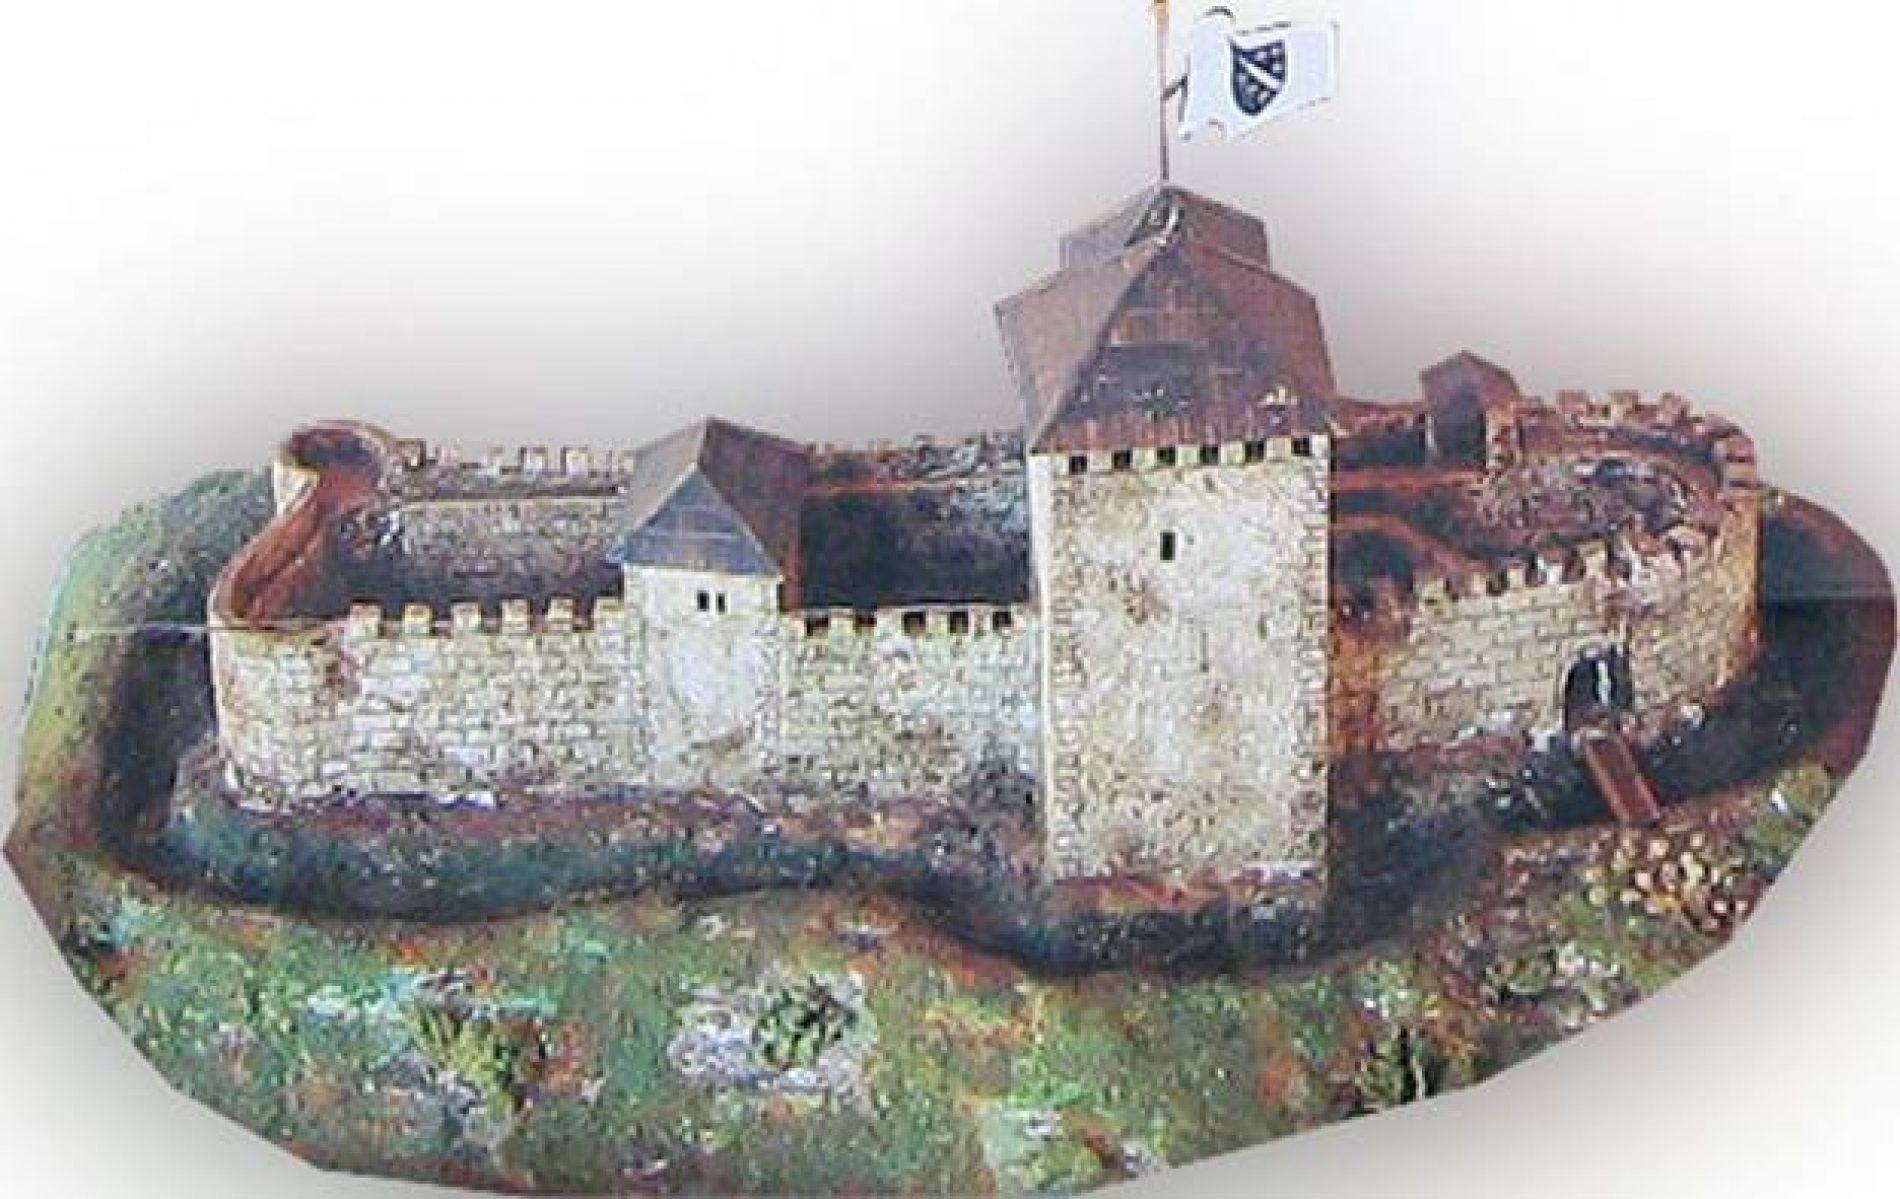 1. septembra 1355., u povelji bana Tvrtka I. Kotromanića prvo spominjanje Starog grada Visokog